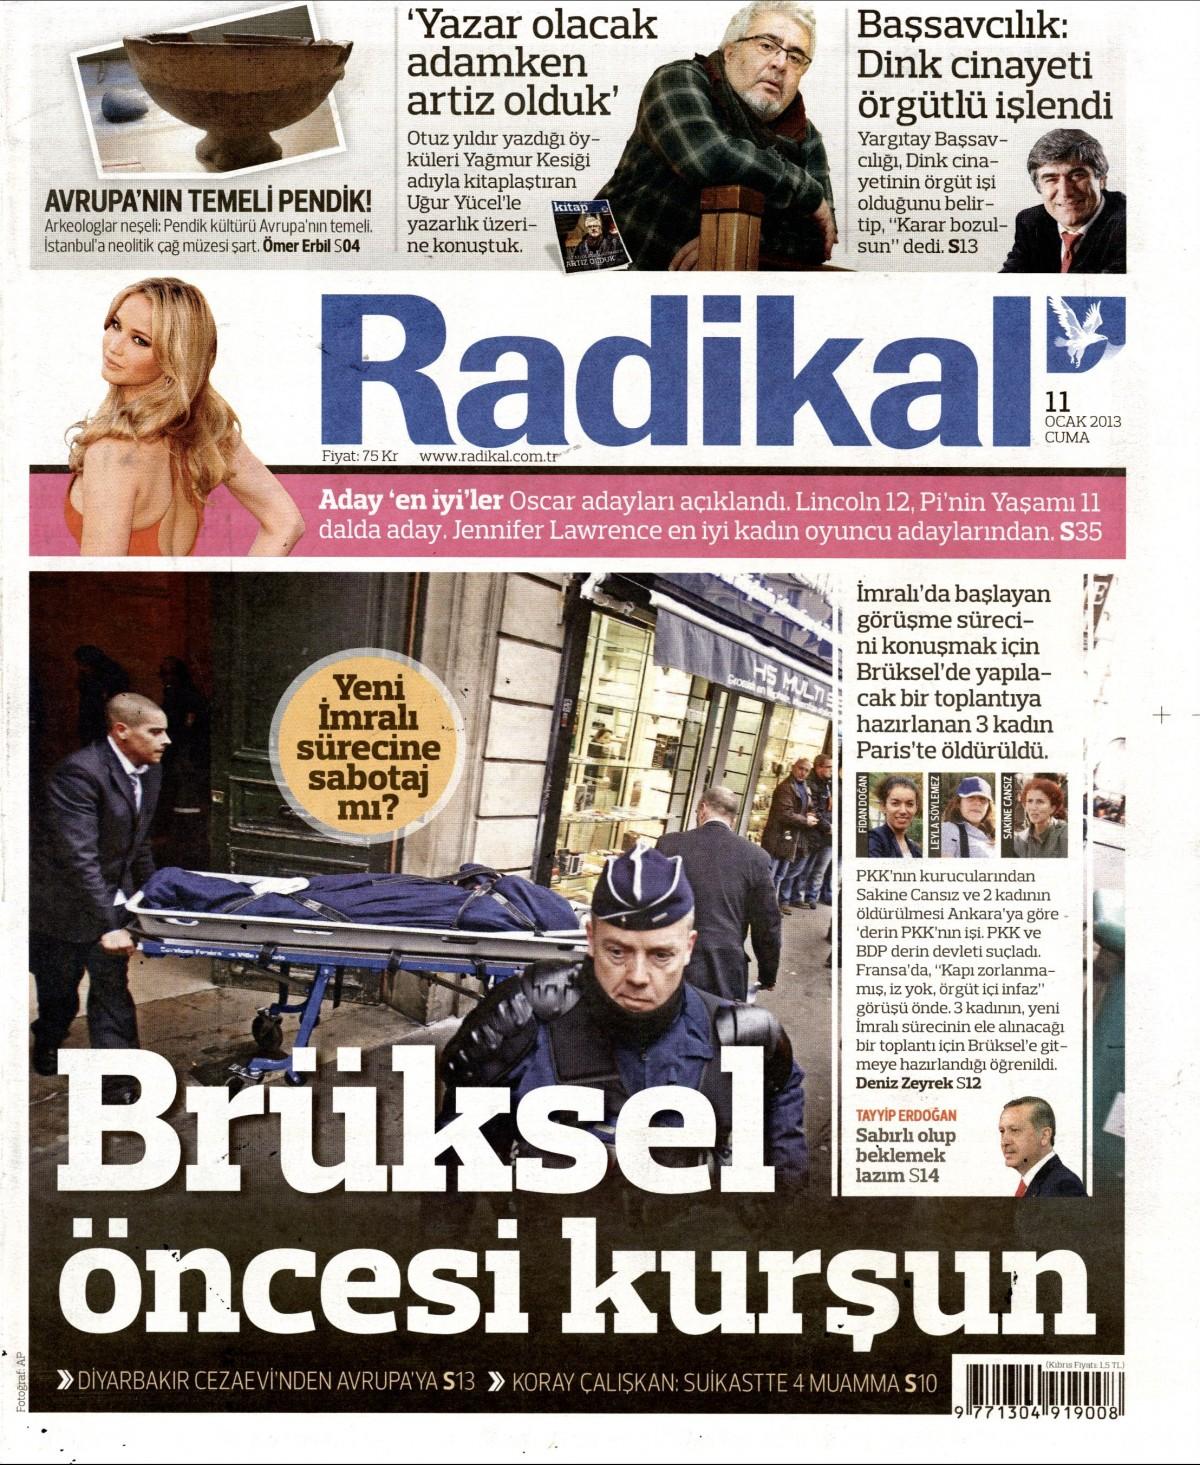 11 Ocak 2013 Tarihli Radikal Gazetesi Sayfa 1